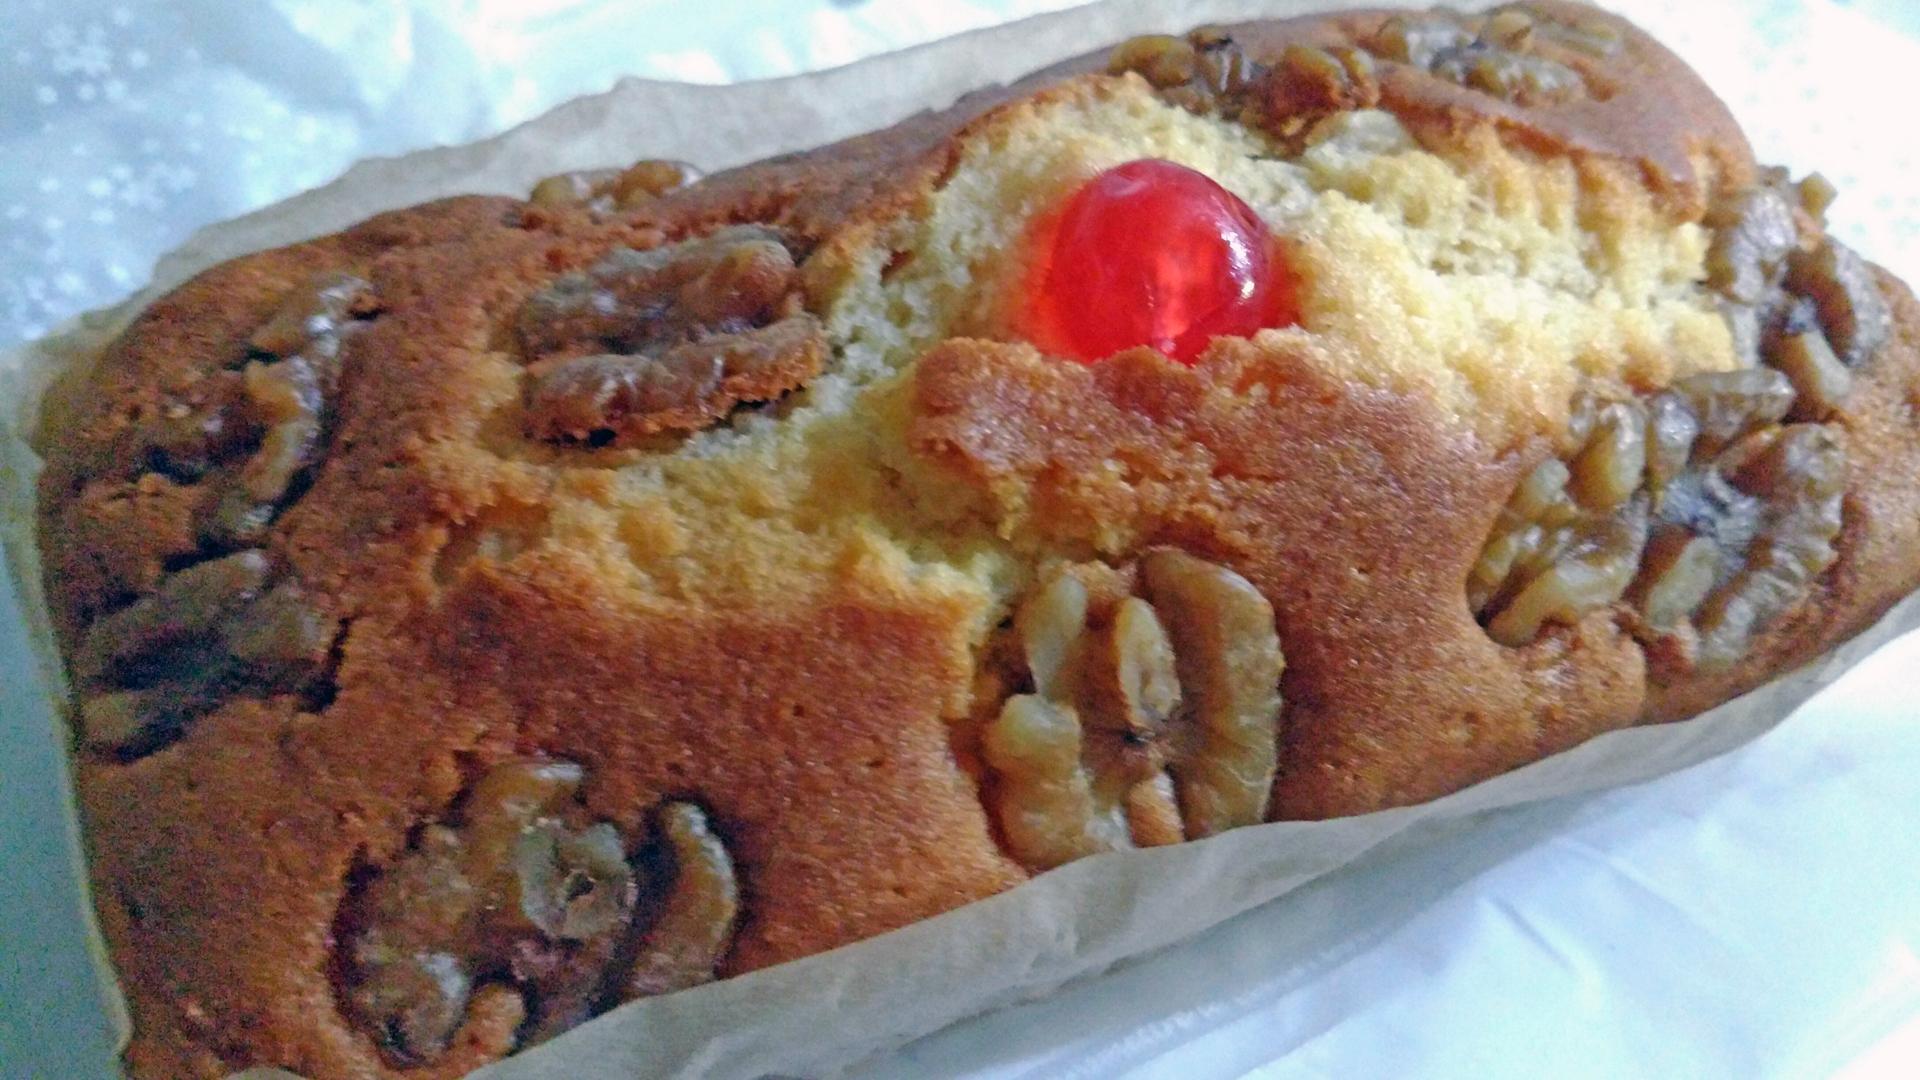 トタン屋根のケーキ屋 ア・ラモート